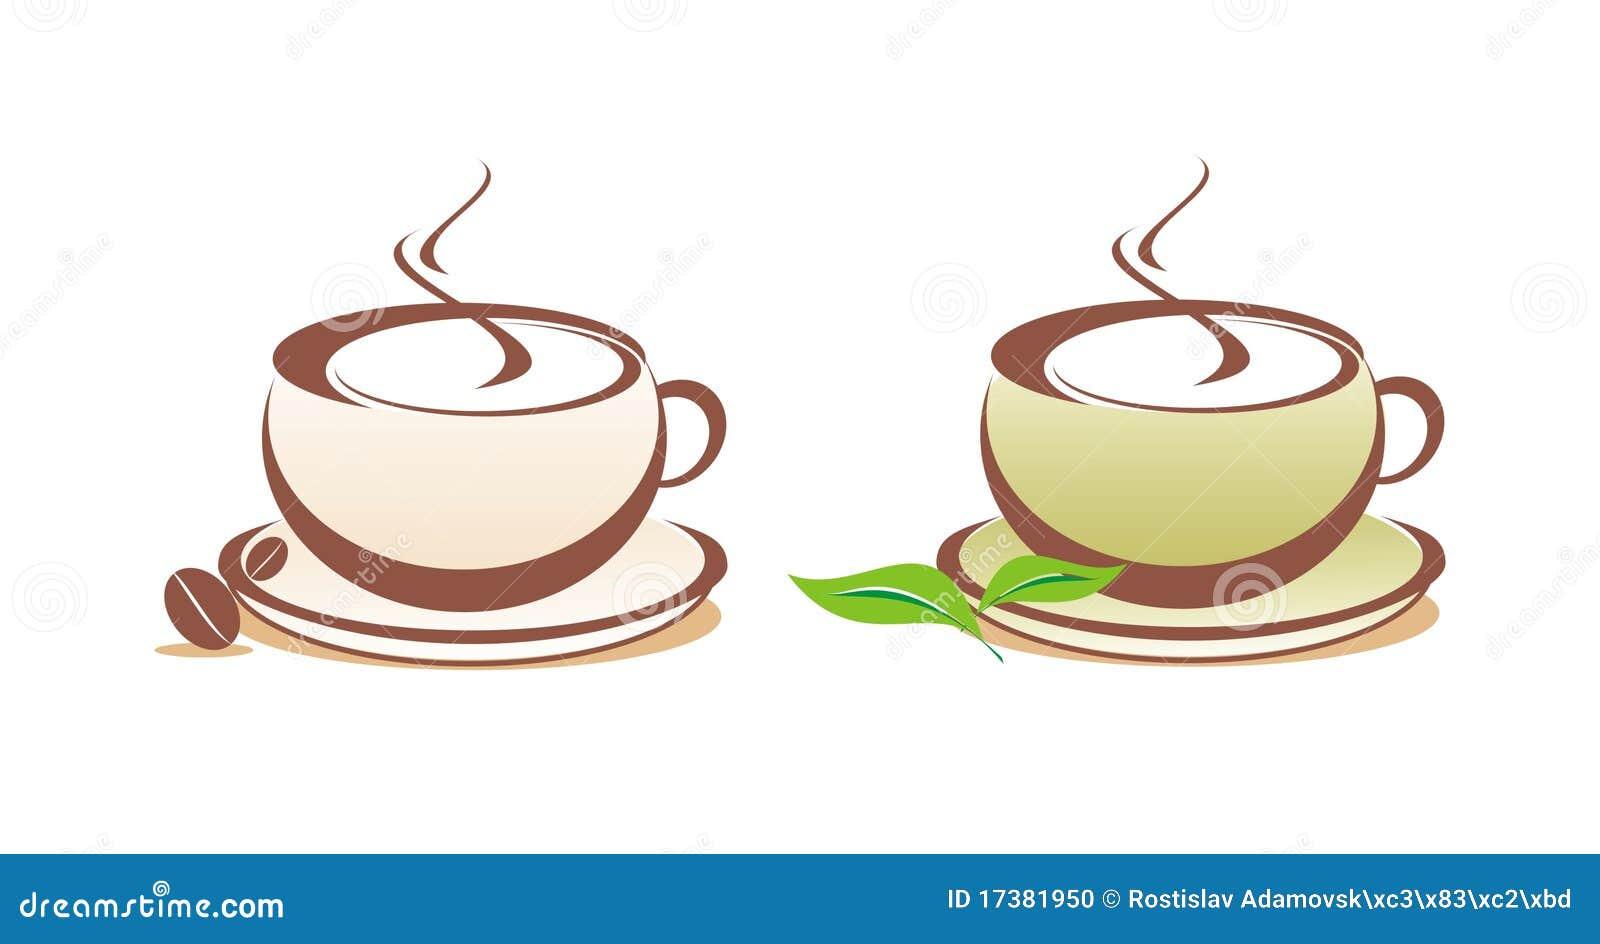 Tea and cofee